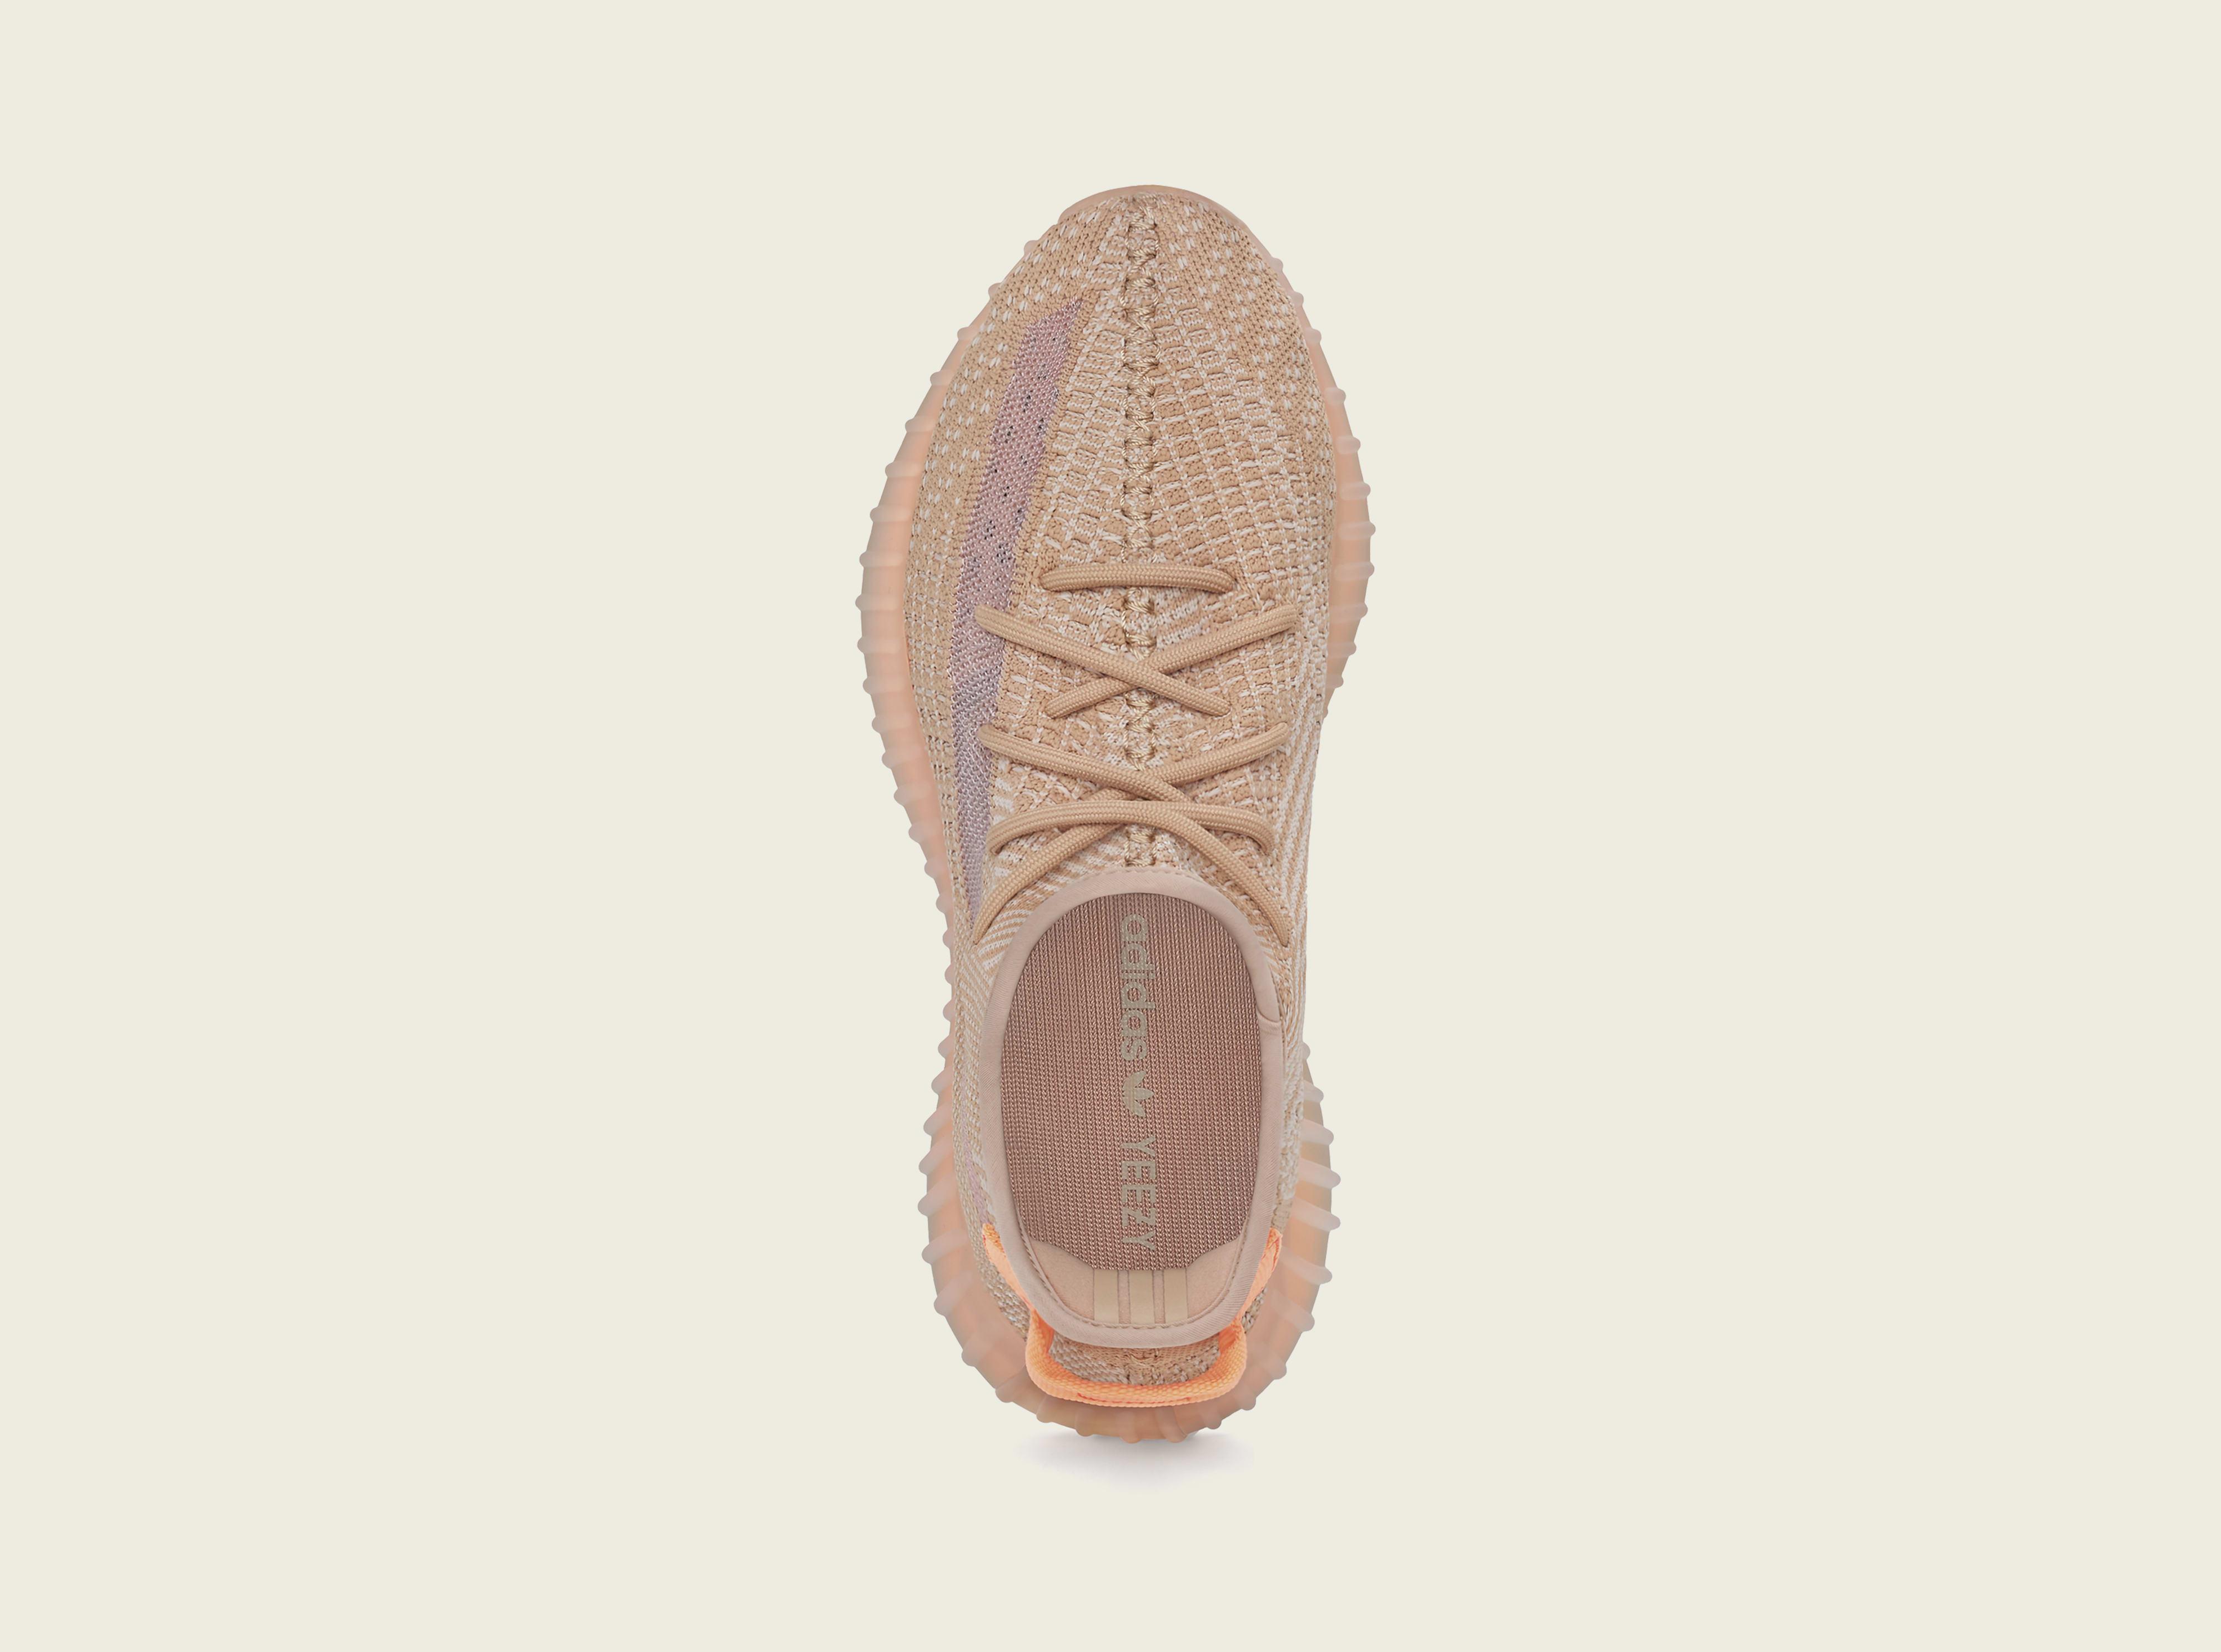 03-adidas-yeezy-boost-350-v2-clay-eg7490